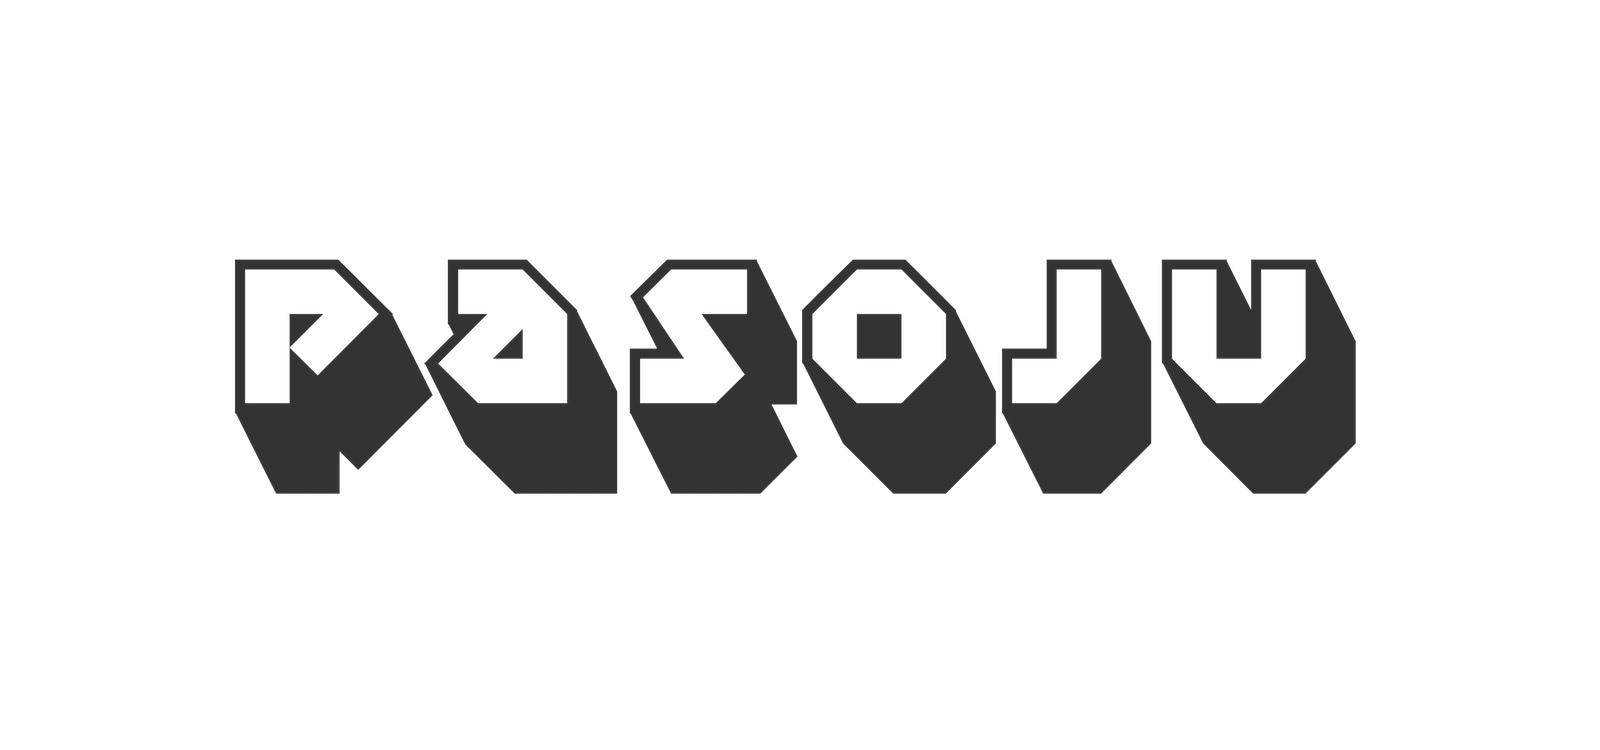 pasoju ロゴ